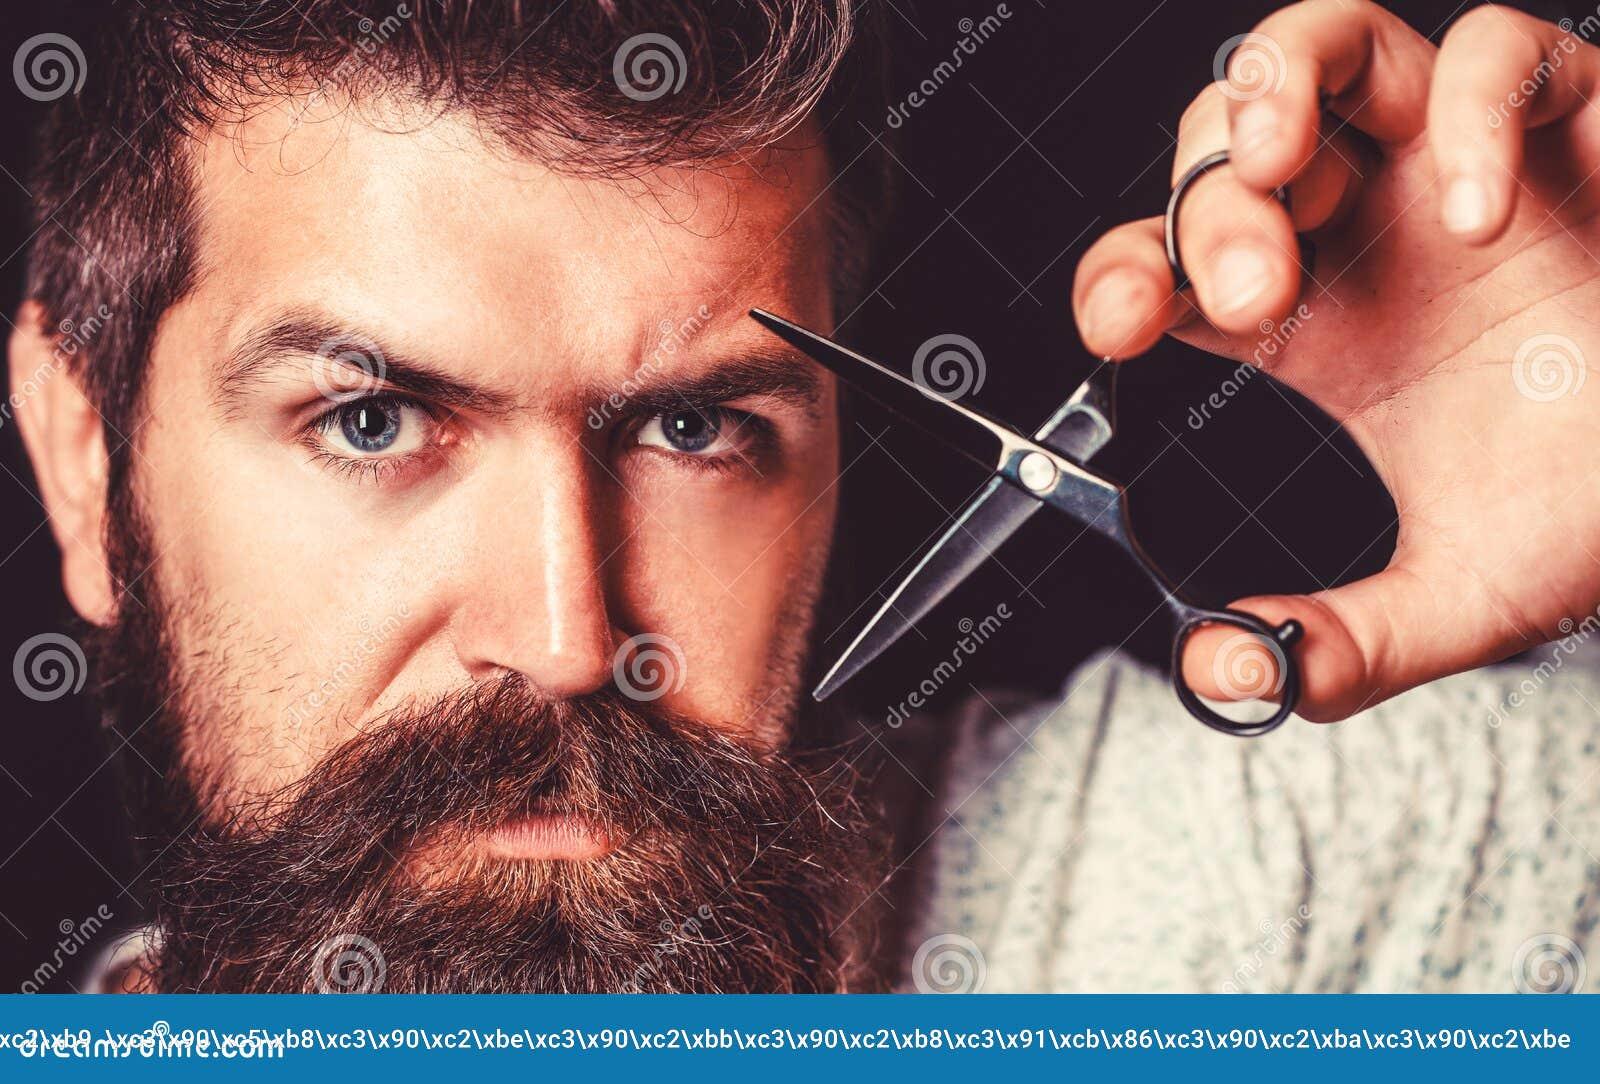 供以人员在理发店的理发 理发师剪刀,理发店 残酷男性,有髭的行家 男性在理发店